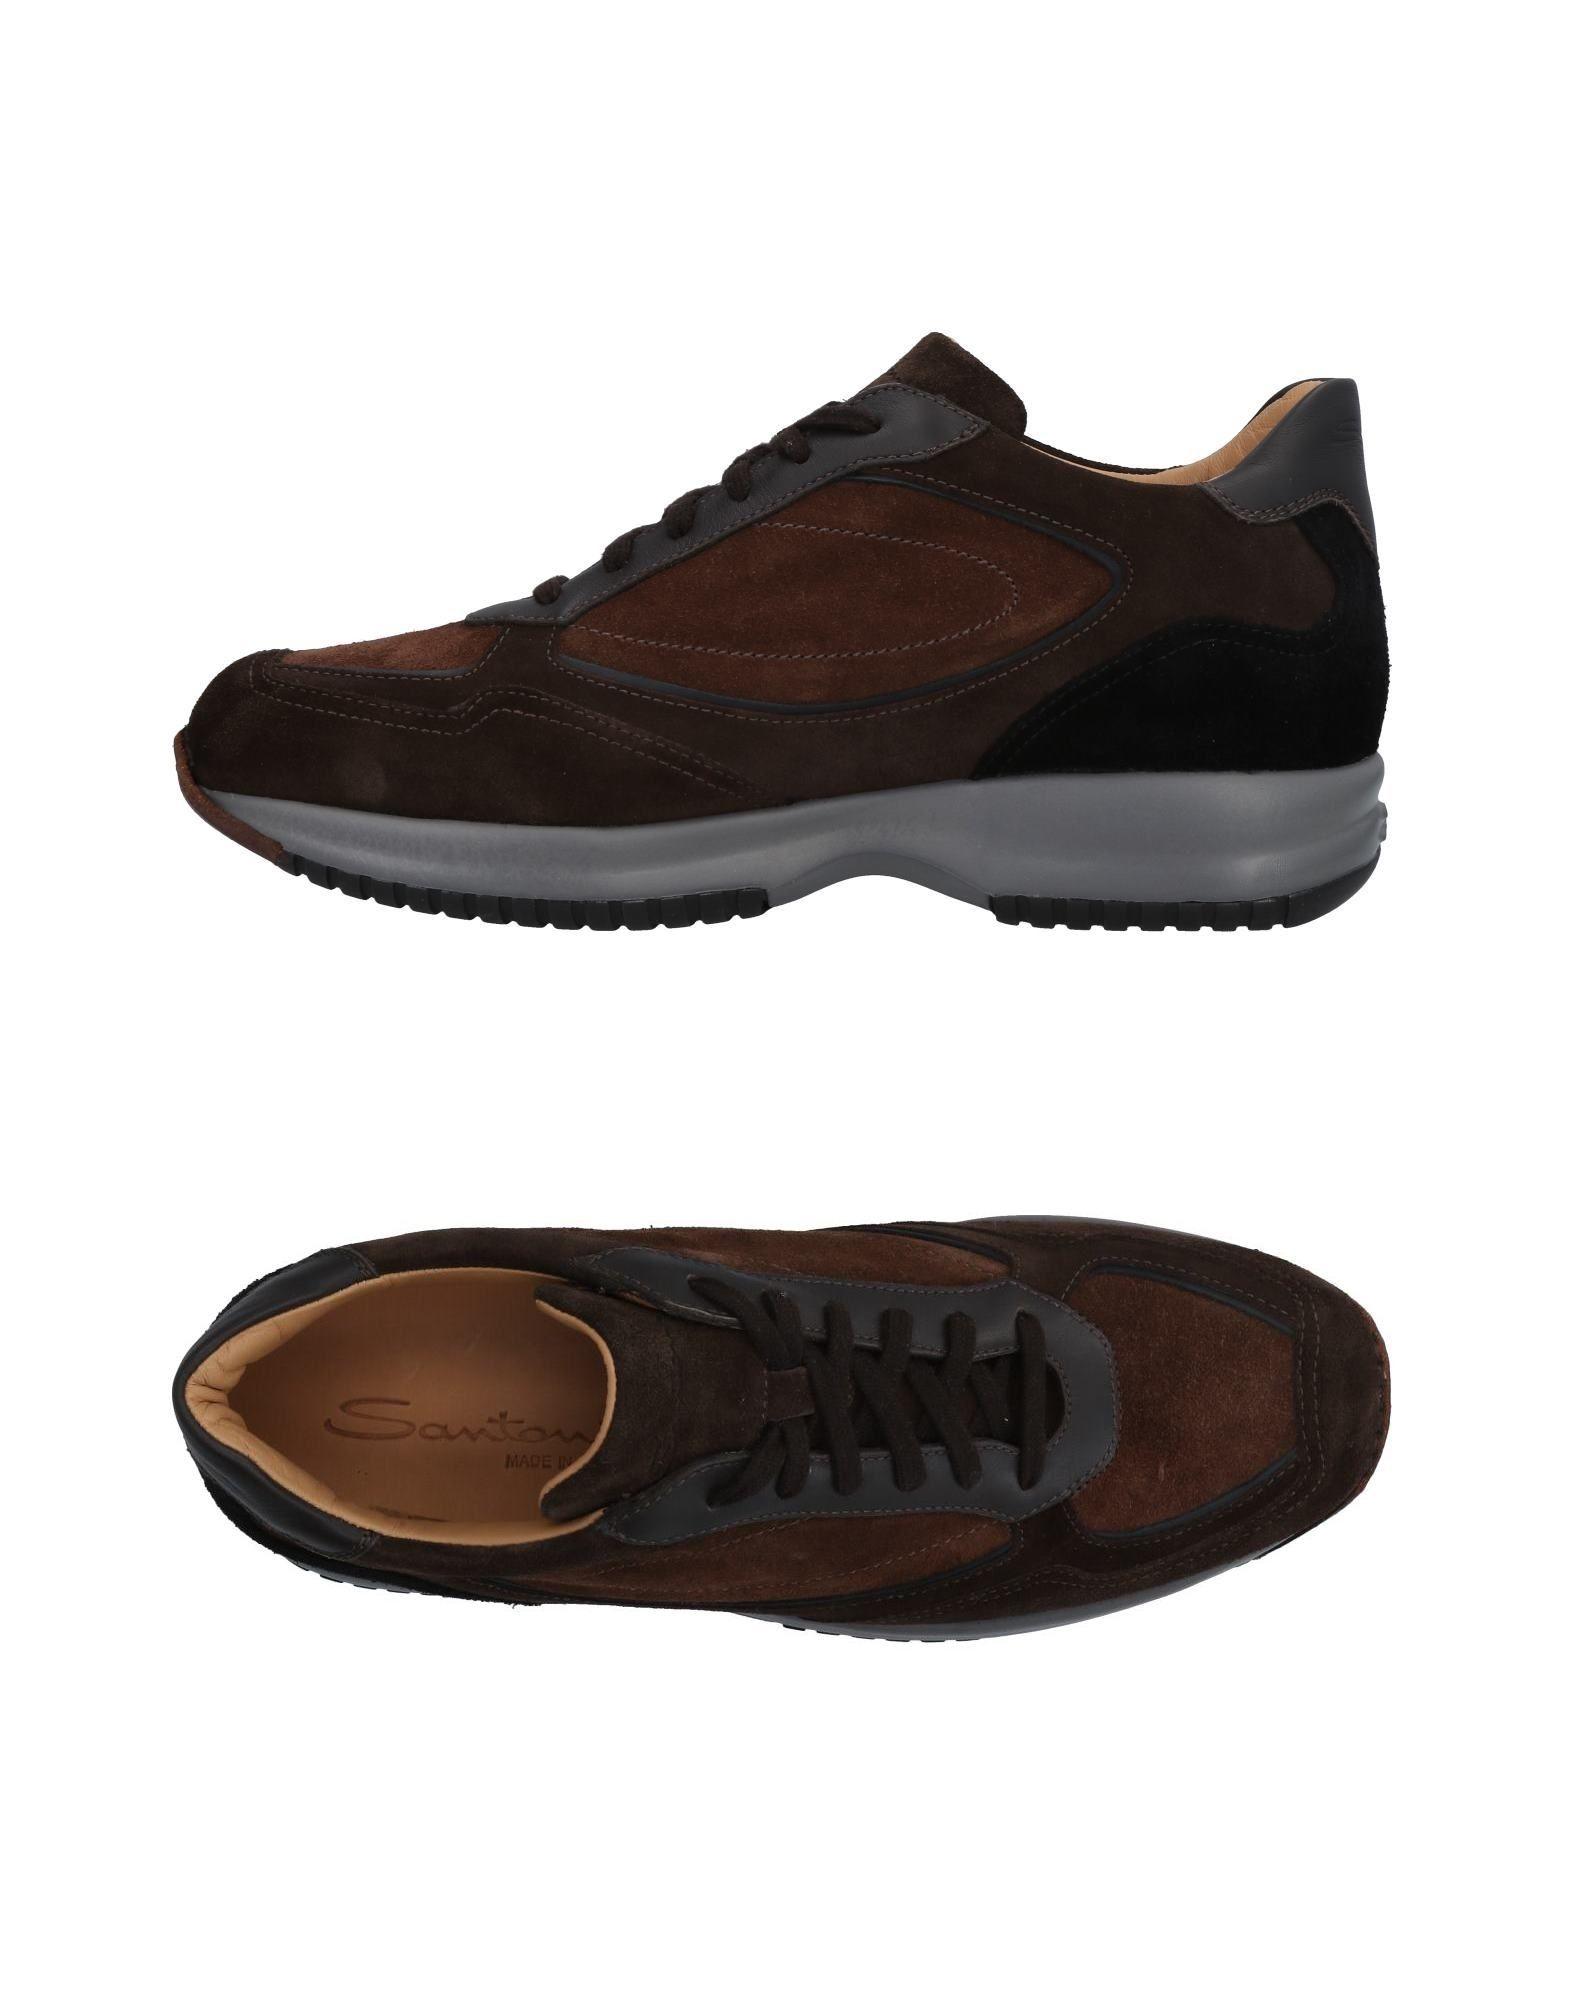 Santoni Sneakers Herren  11479370NB Gute Qualität beliebte Schuhe